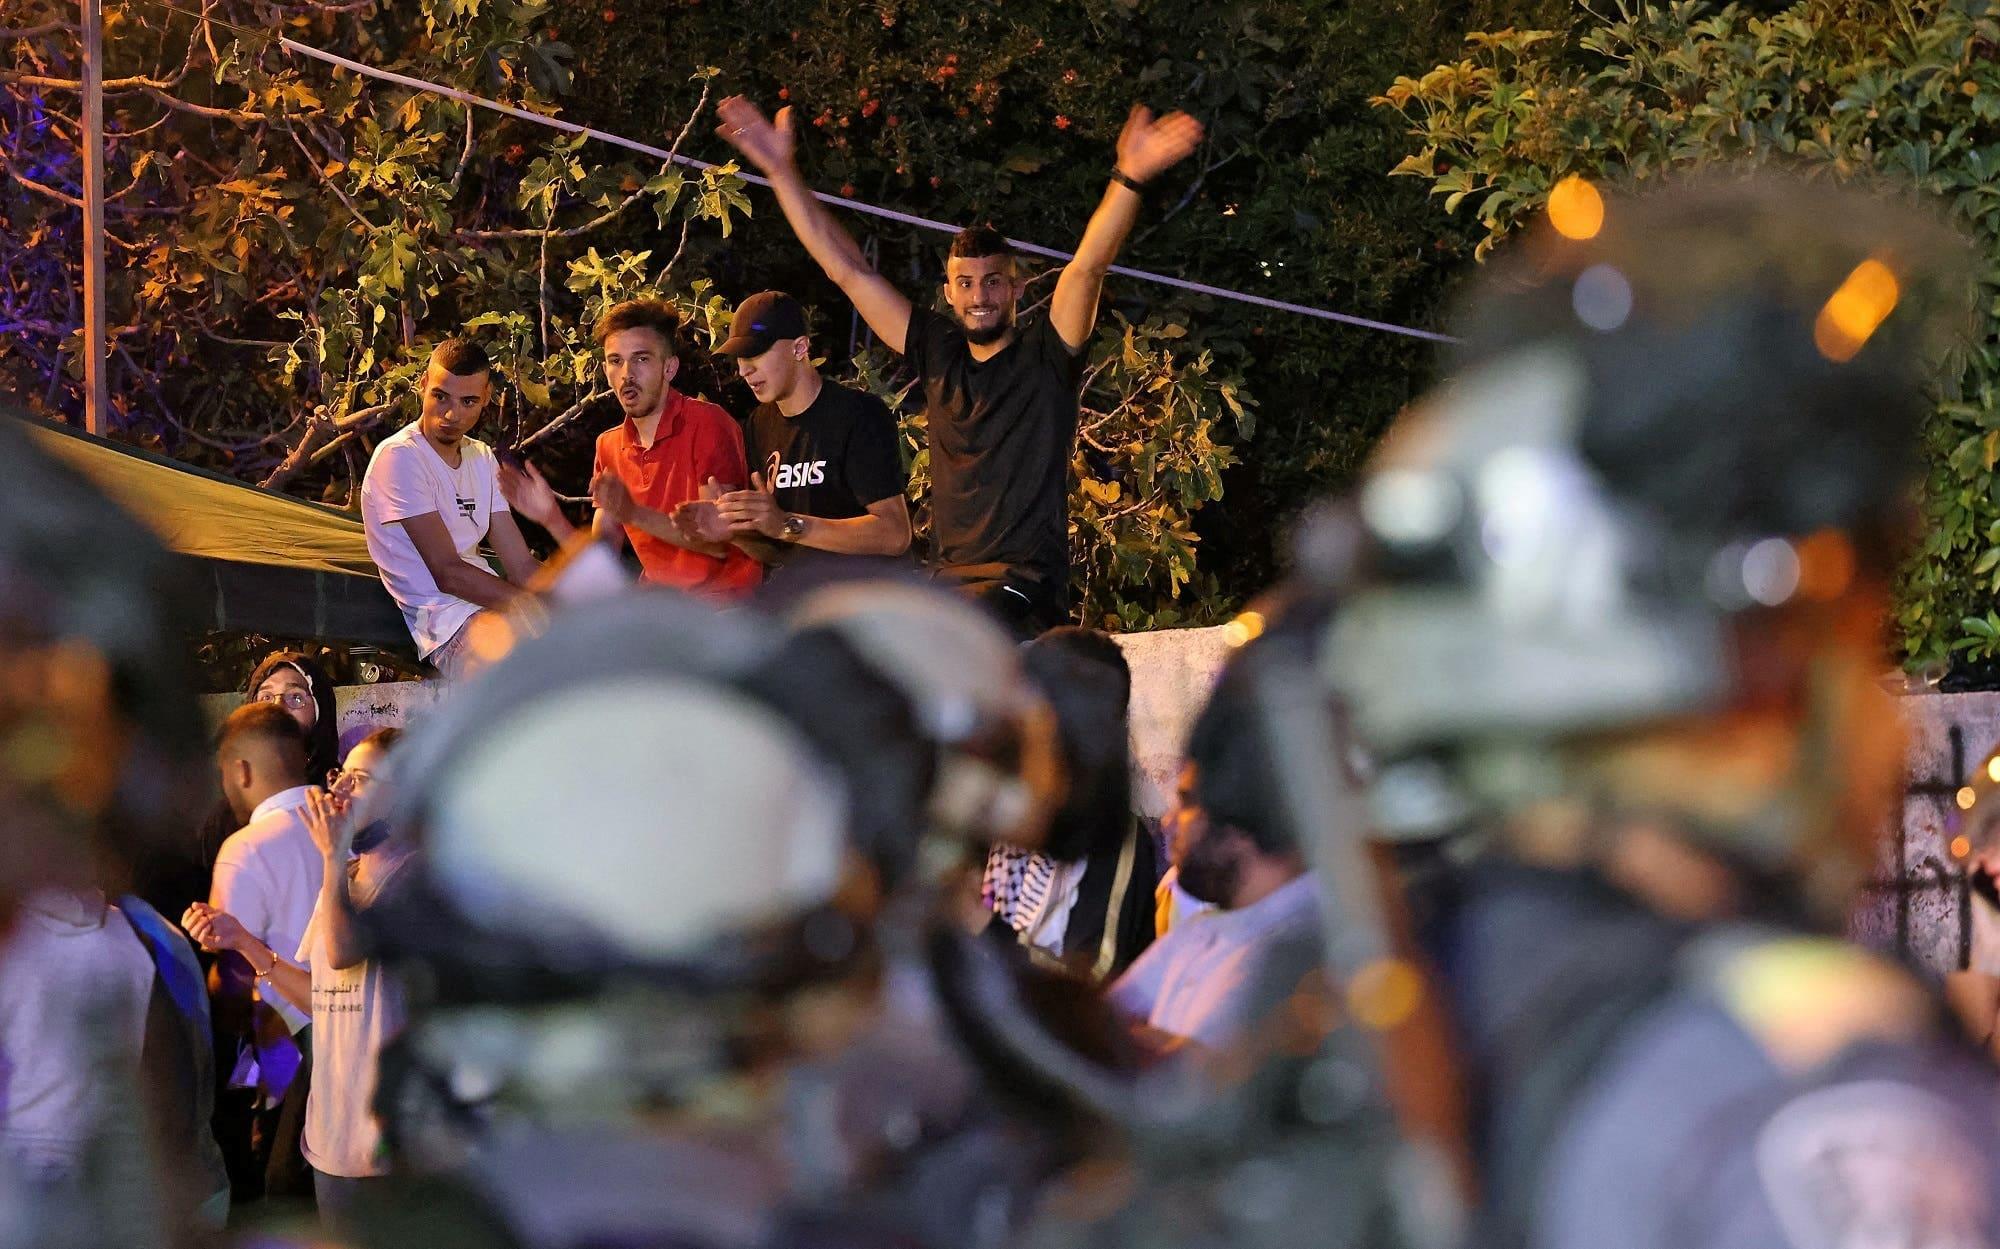 أنقذوا حي الشيخ جراح.. المواجهات تعود للحي الذي فجر هبة الفلسطينيين والاحتلال يعتدي على المقدسيين